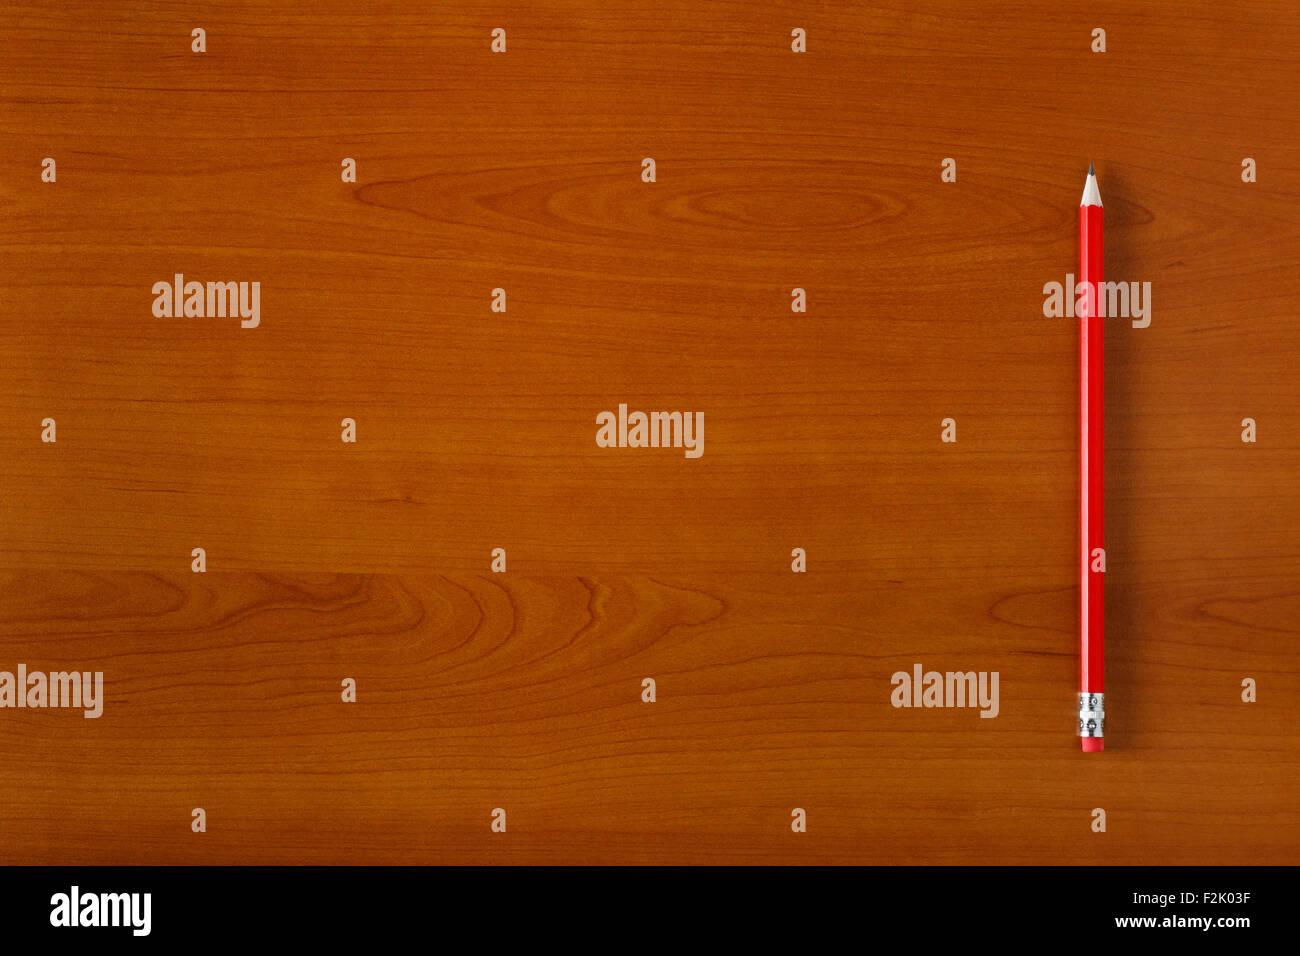 Matita su scrivania in legno, spazio vuoto per il testo Immagini Stock